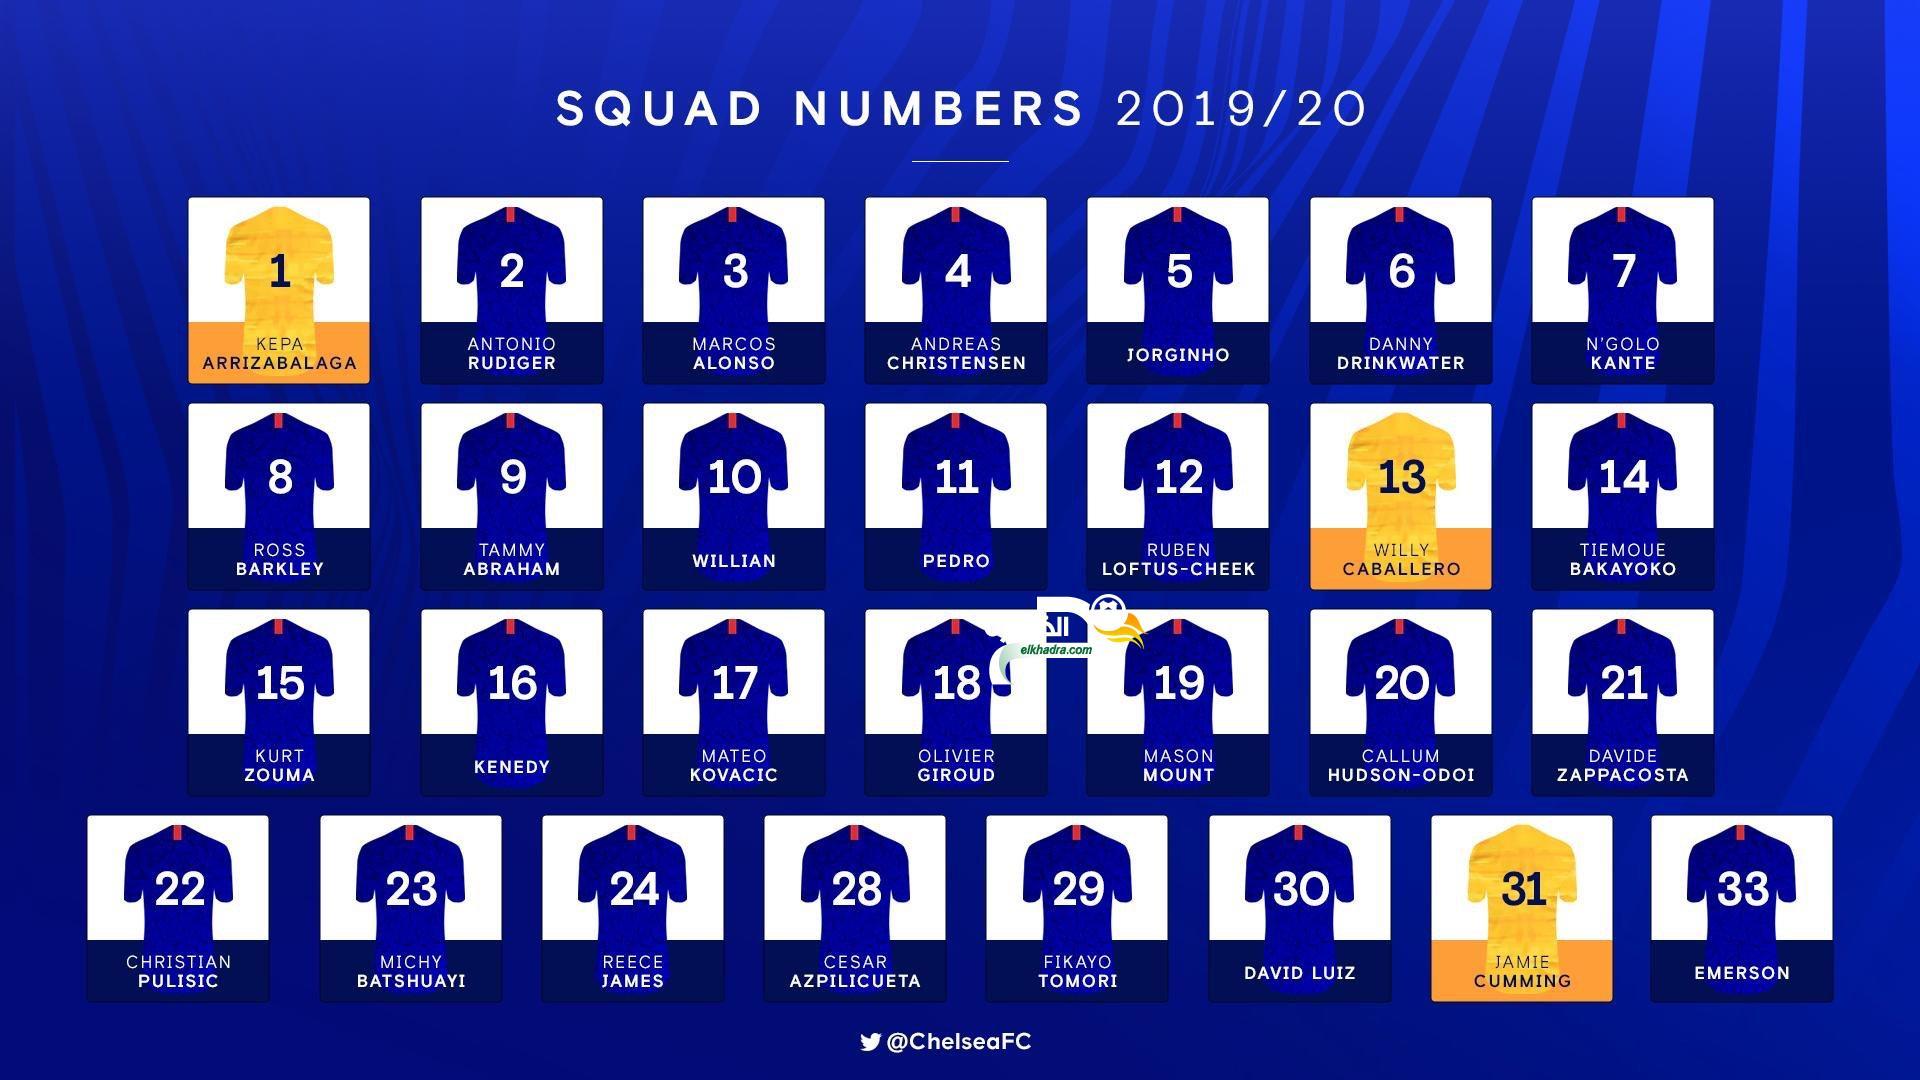 أرقام و قائمة لاعبي تشلسي للموسم الجديد 2019/20 28